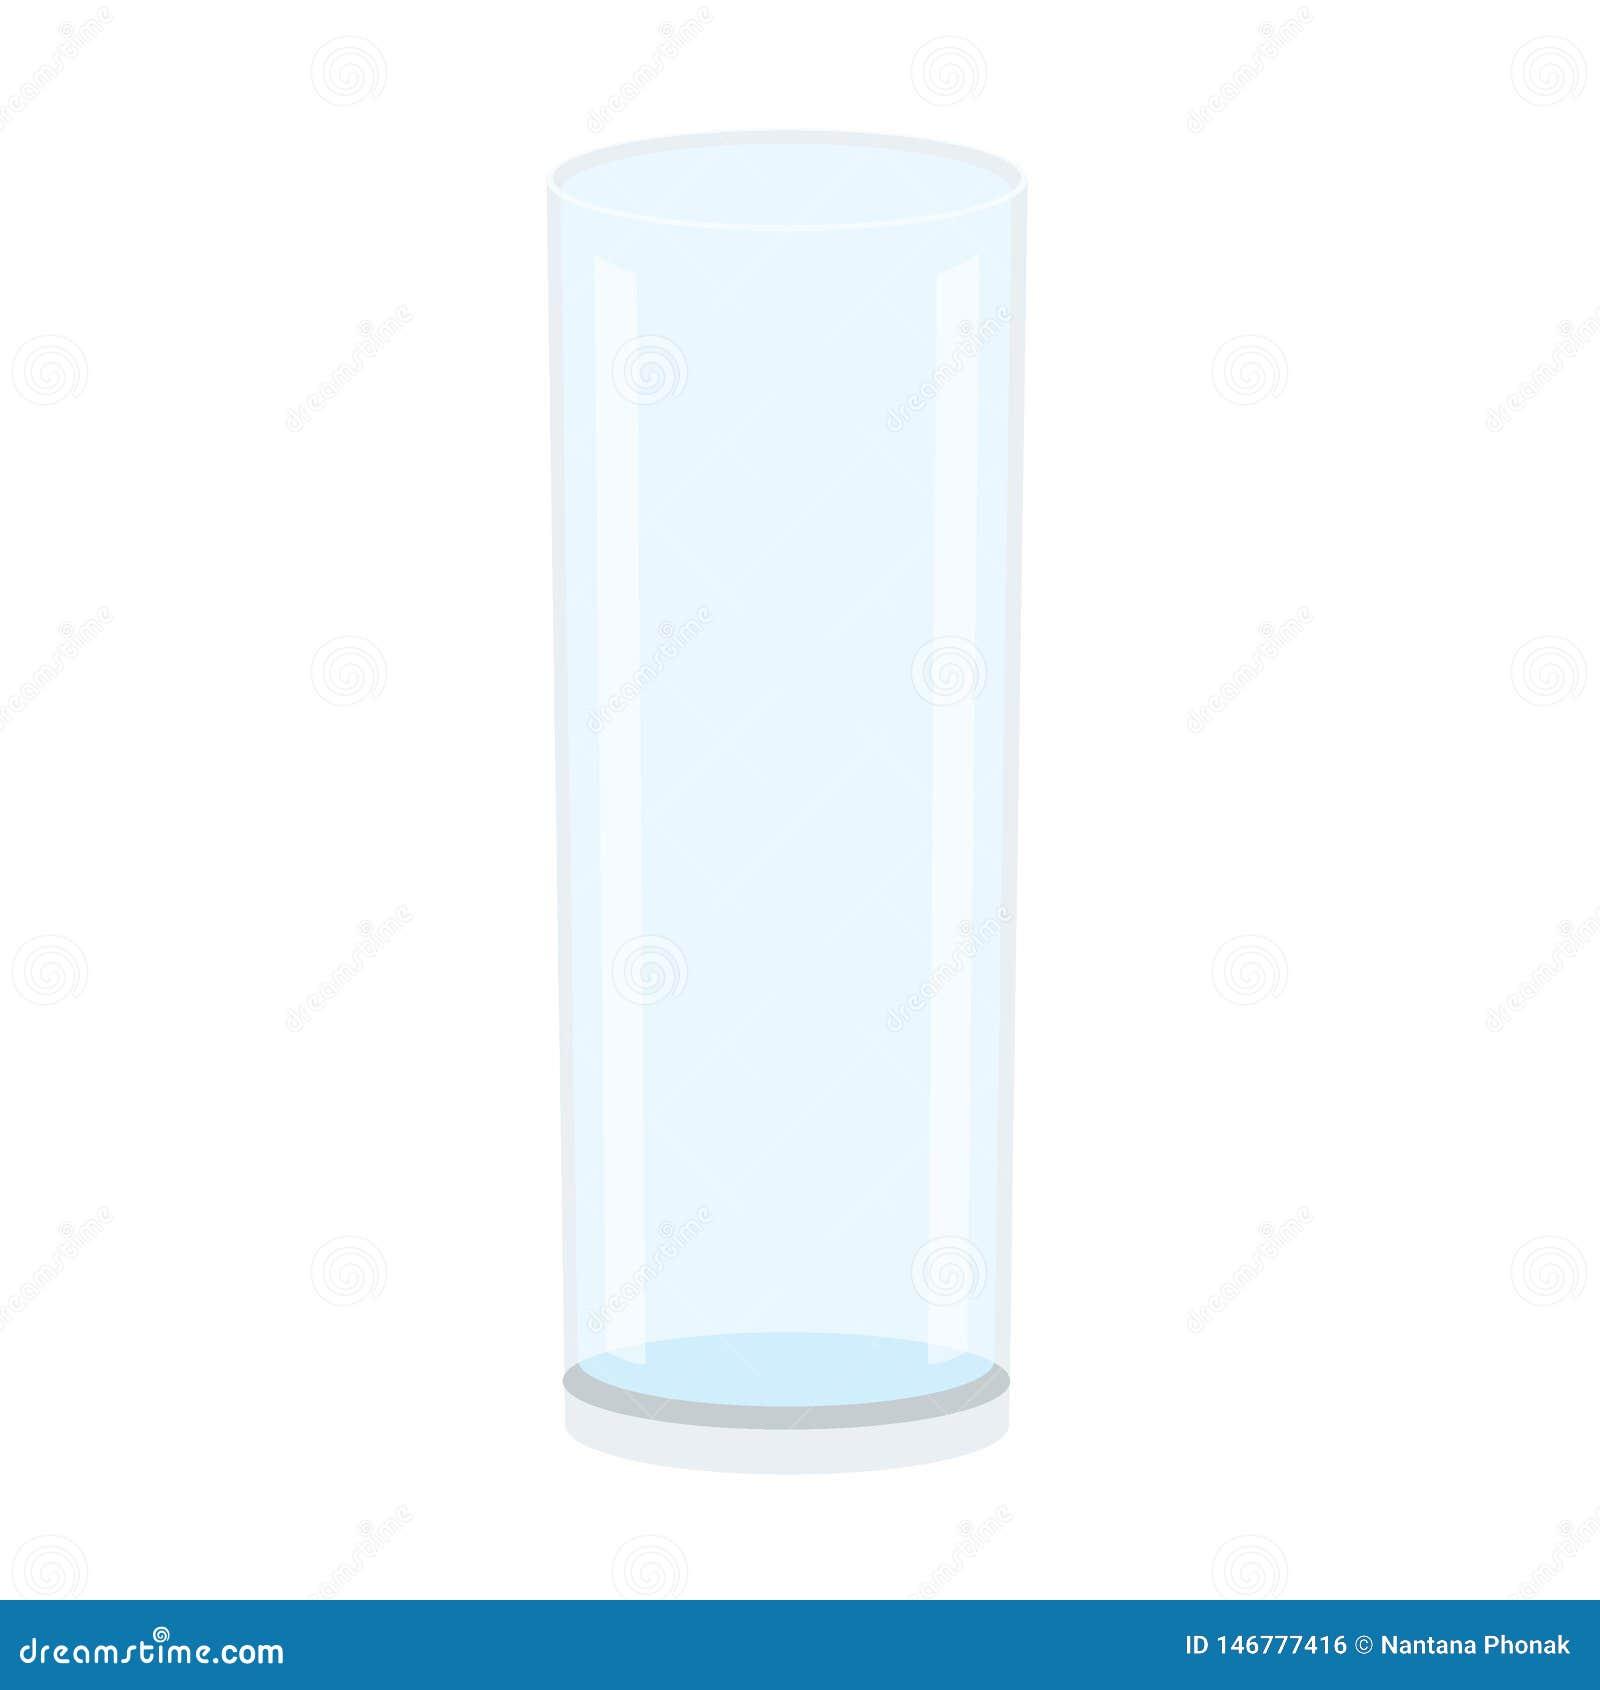 蓝色,白色,灰色,清楚,透明,明亮,饮料,玻璃,水,矿泉水,凉水,面汤,杯子,背景,textur